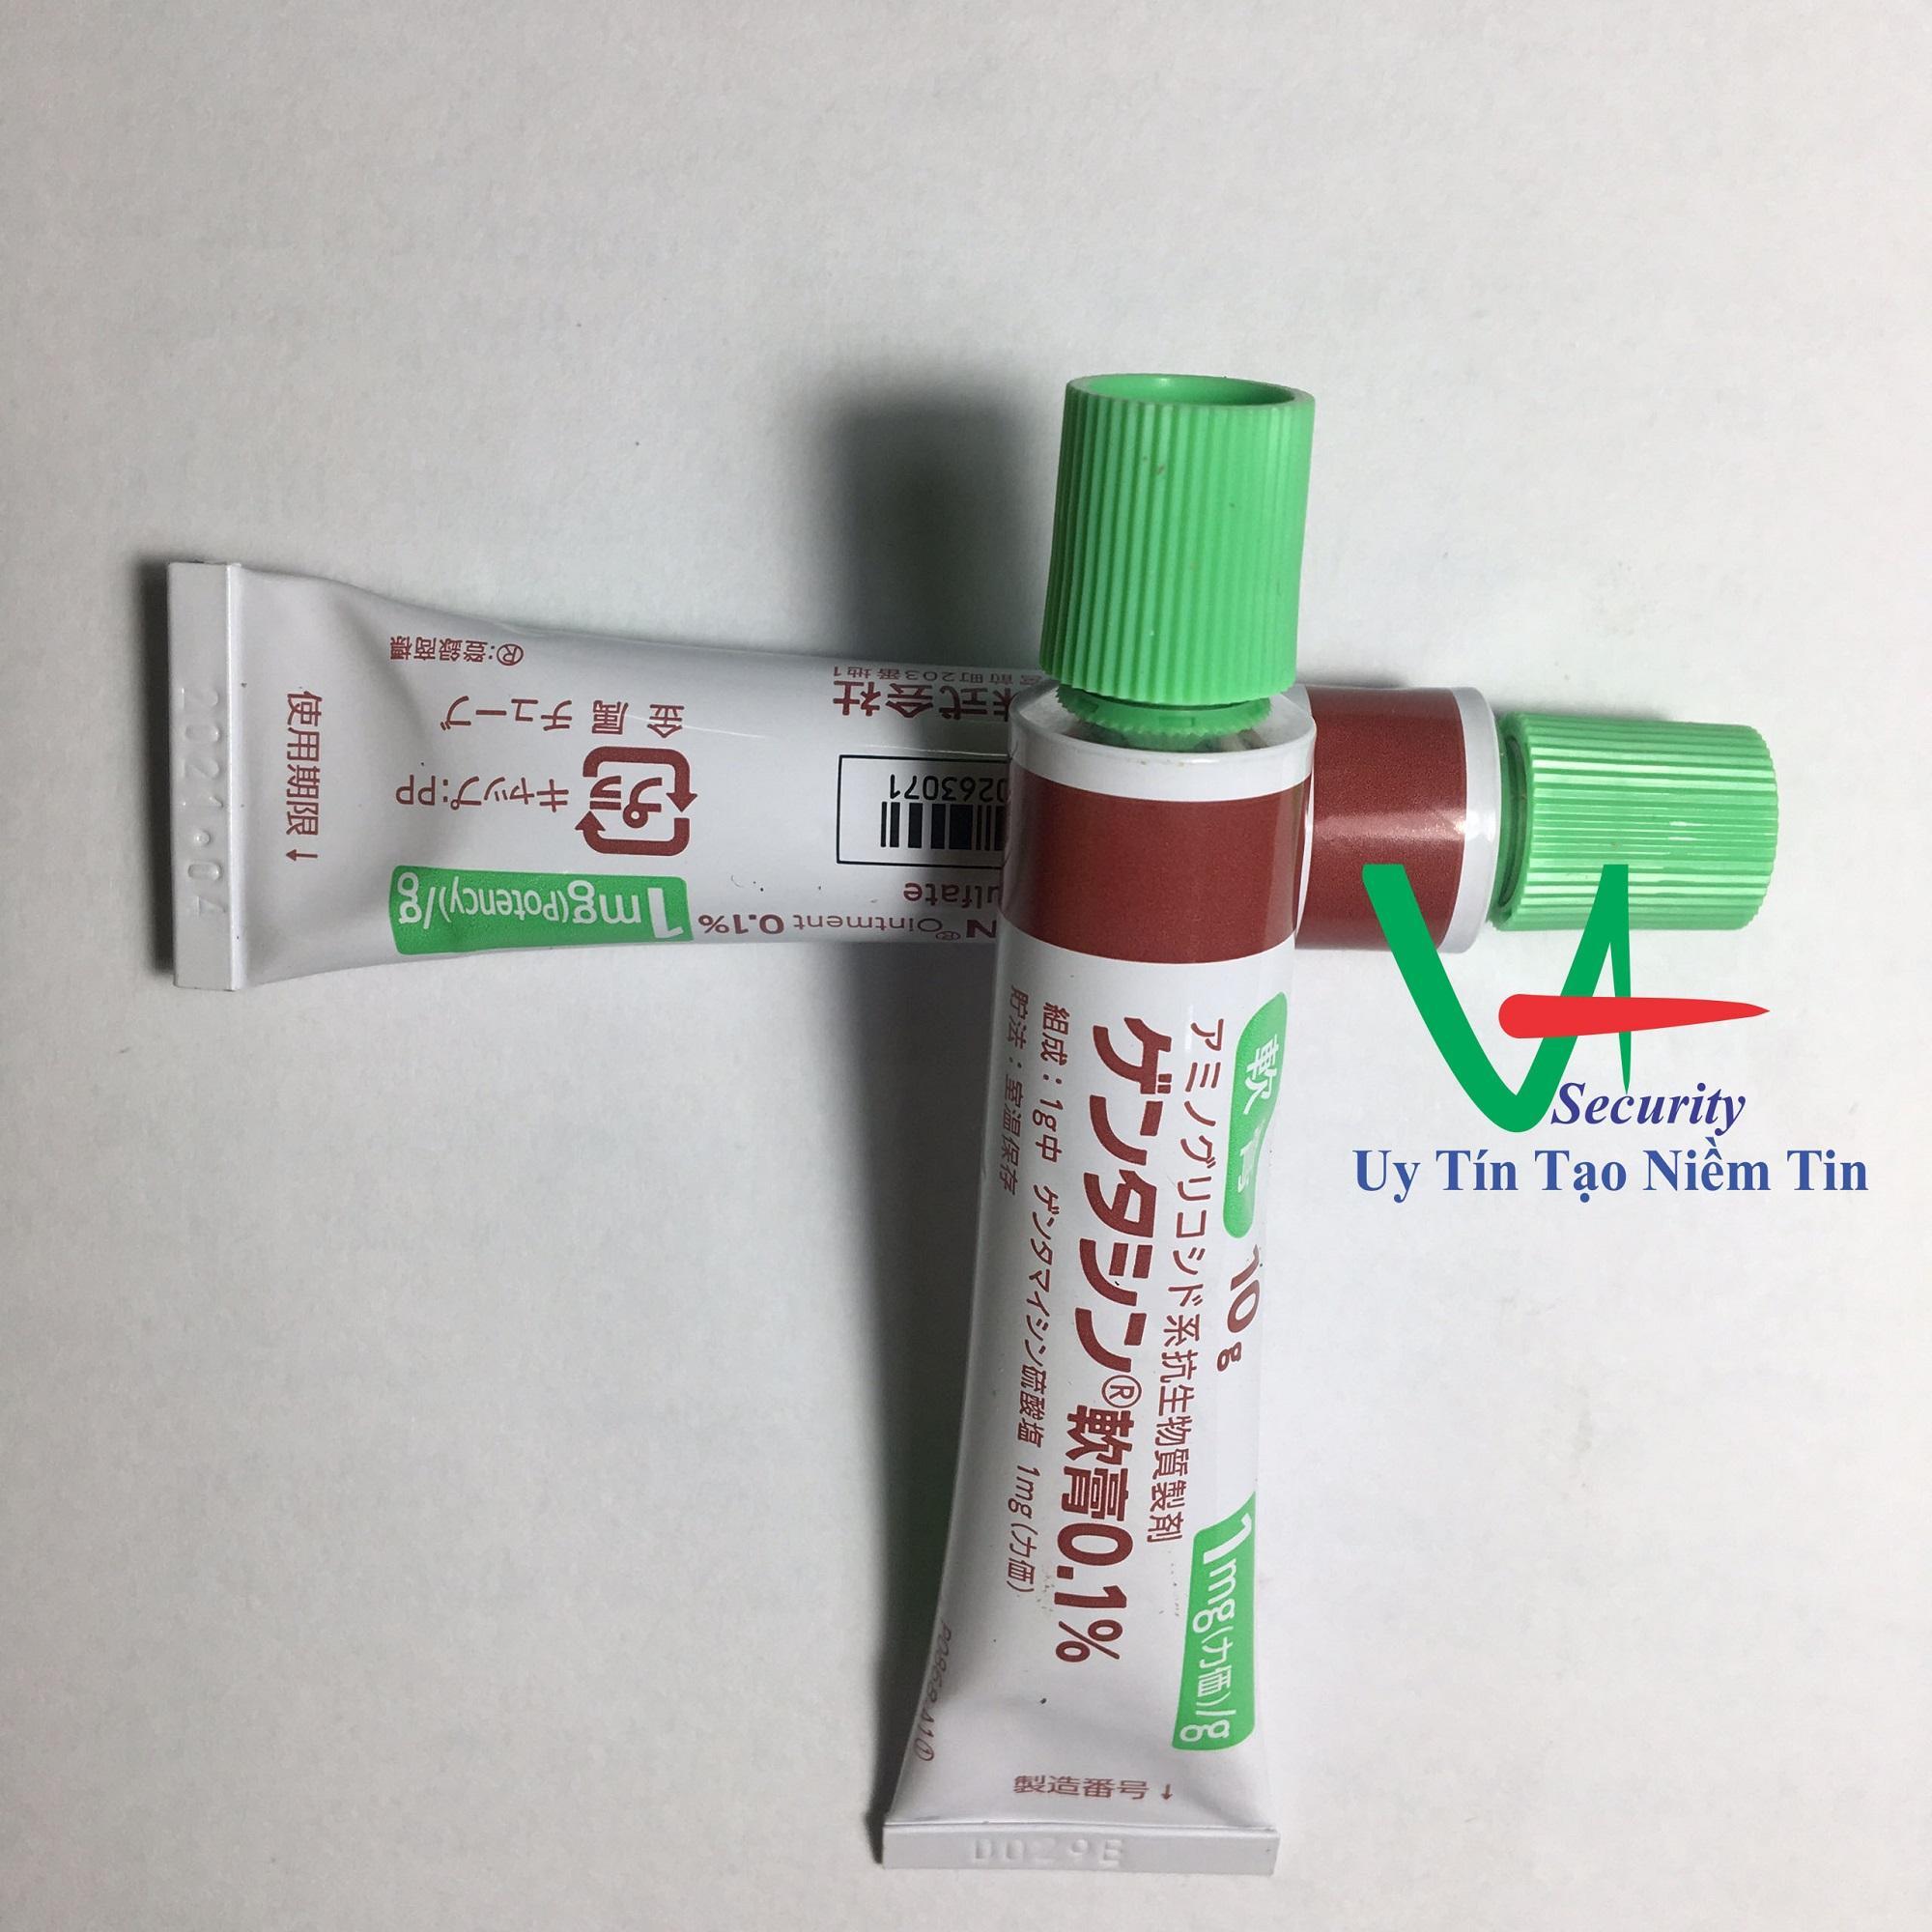 Combo 2 lọ Kem Trị Sẹo Gentacin 10g Nhật bản Xóa Bỏ Mọi Loại Sẹo Nhanh Chóng và an toàn